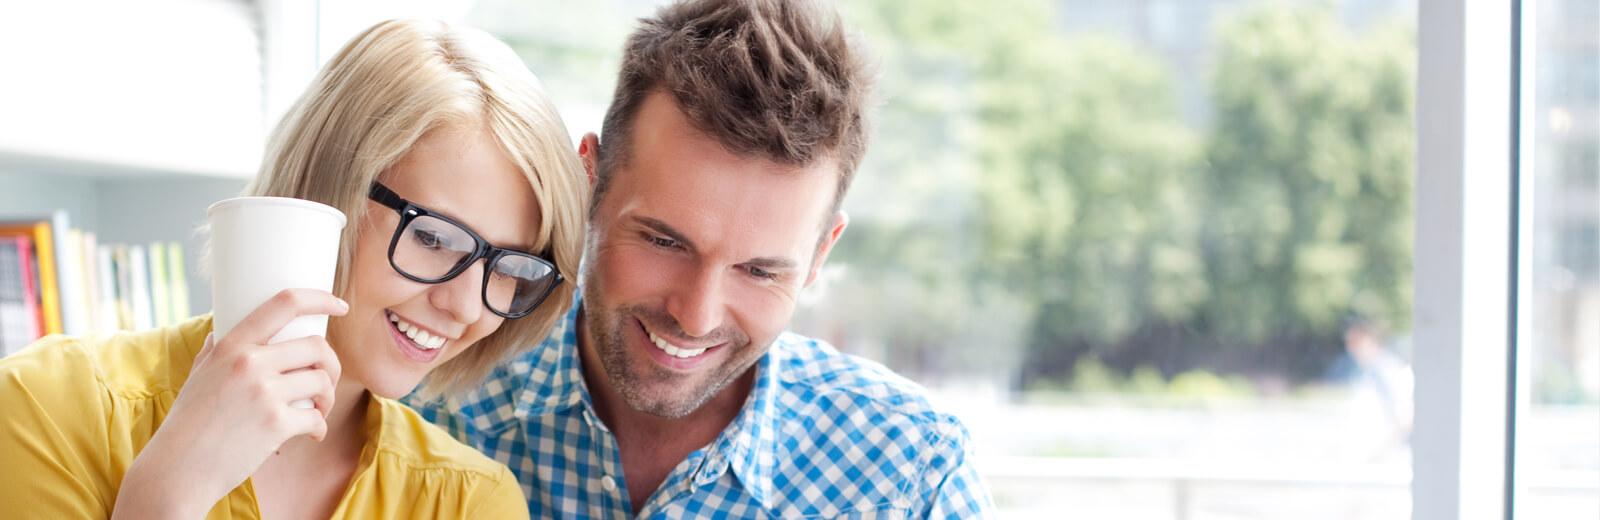 Frühzeitiges Dating steht im Zusammenhang mit